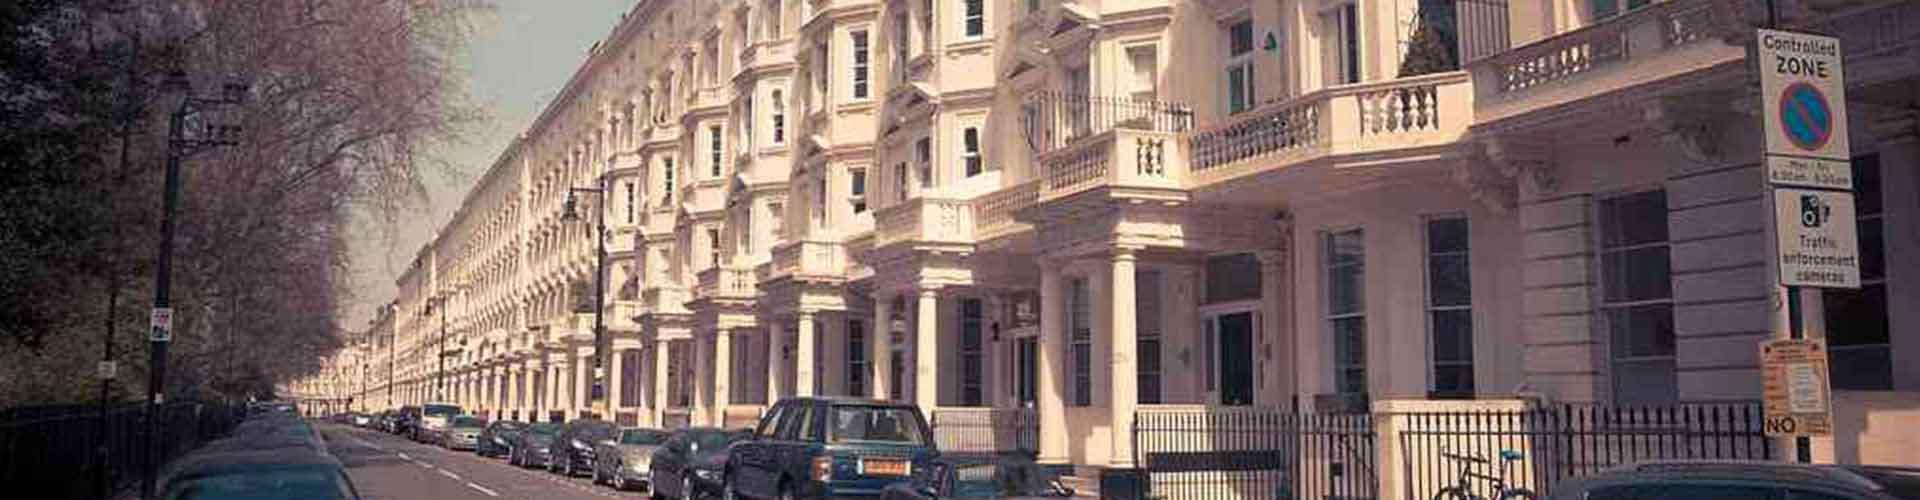 Londres - Auberges de jeunesse dans le quartier de Pimlico. Cartes pour Londres, photos et commentaires pour chaque auberge de jeunesse à Londres.